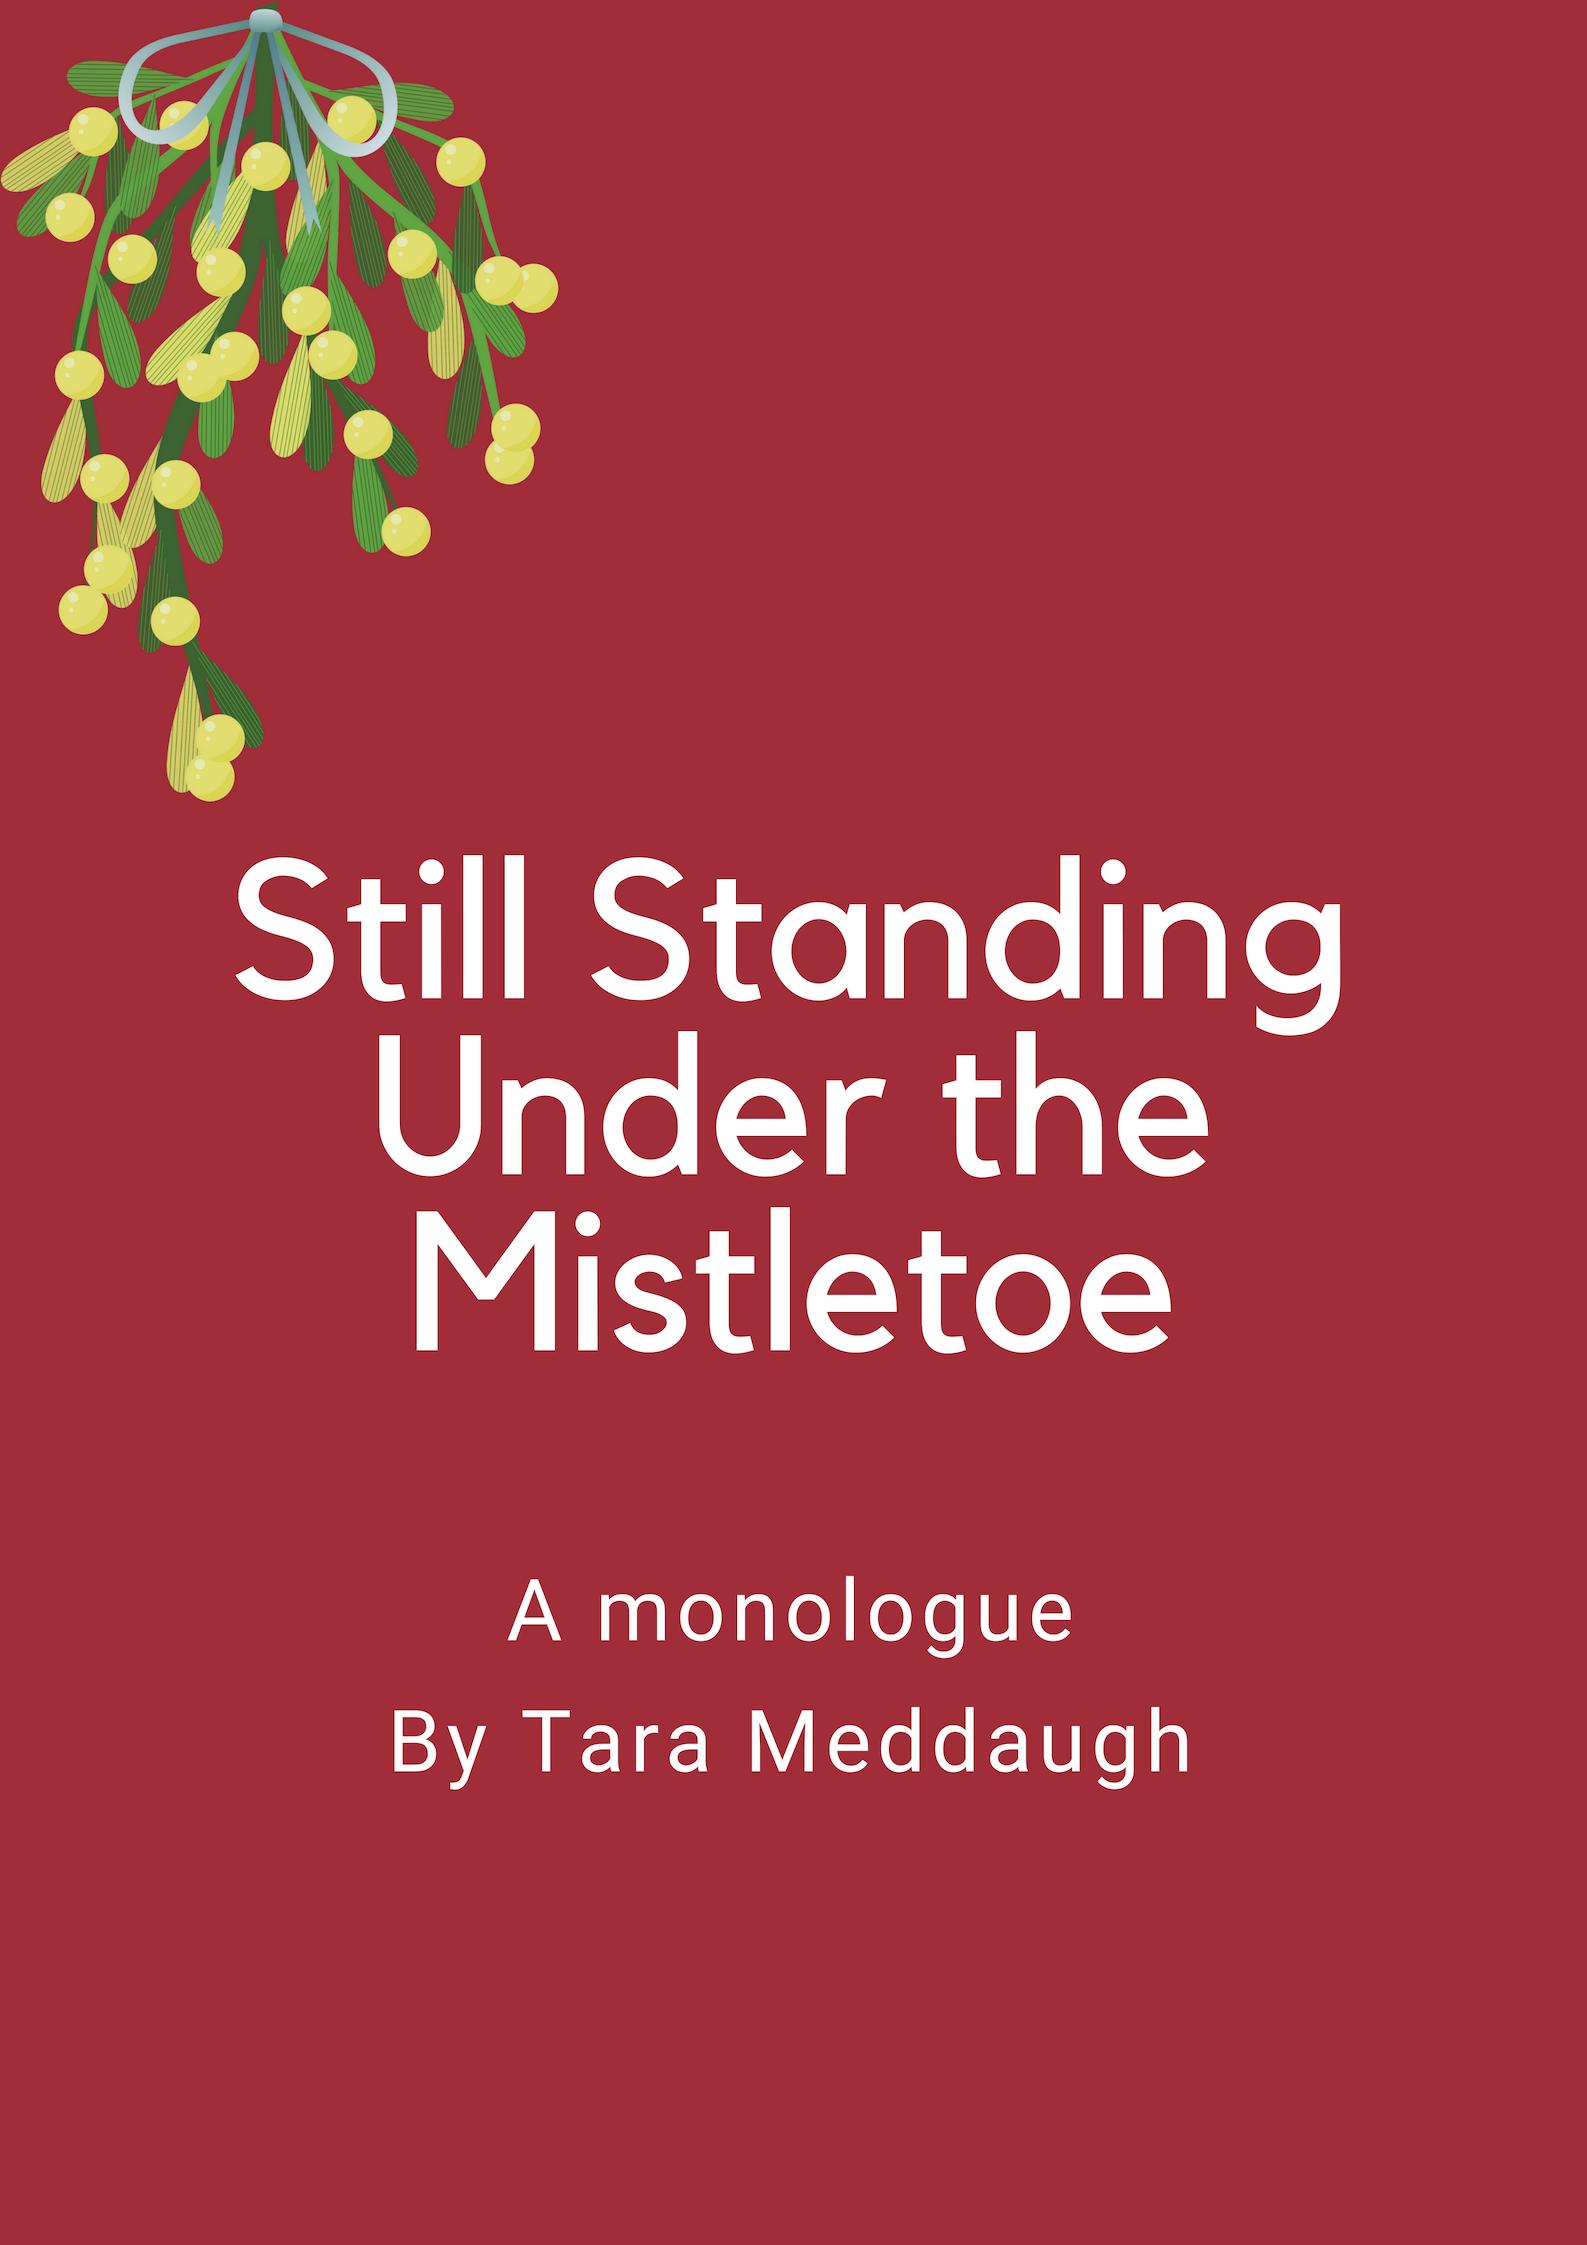 still standing under the mistletoe.jpg